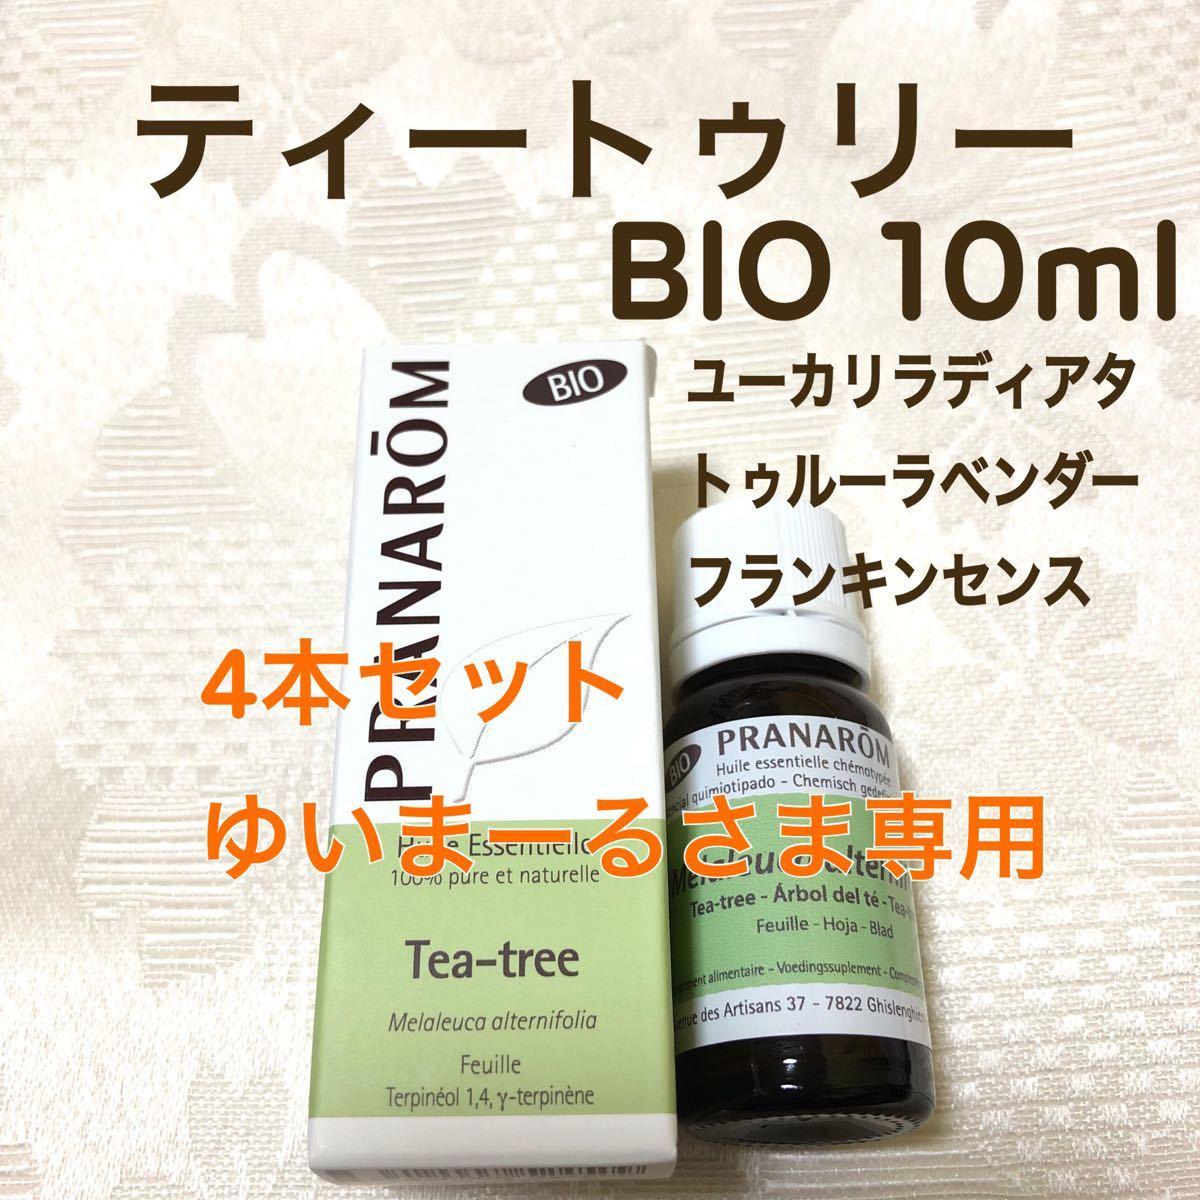 【ティートゥリー BIO 】10ml 他3本 プラナロム 精油